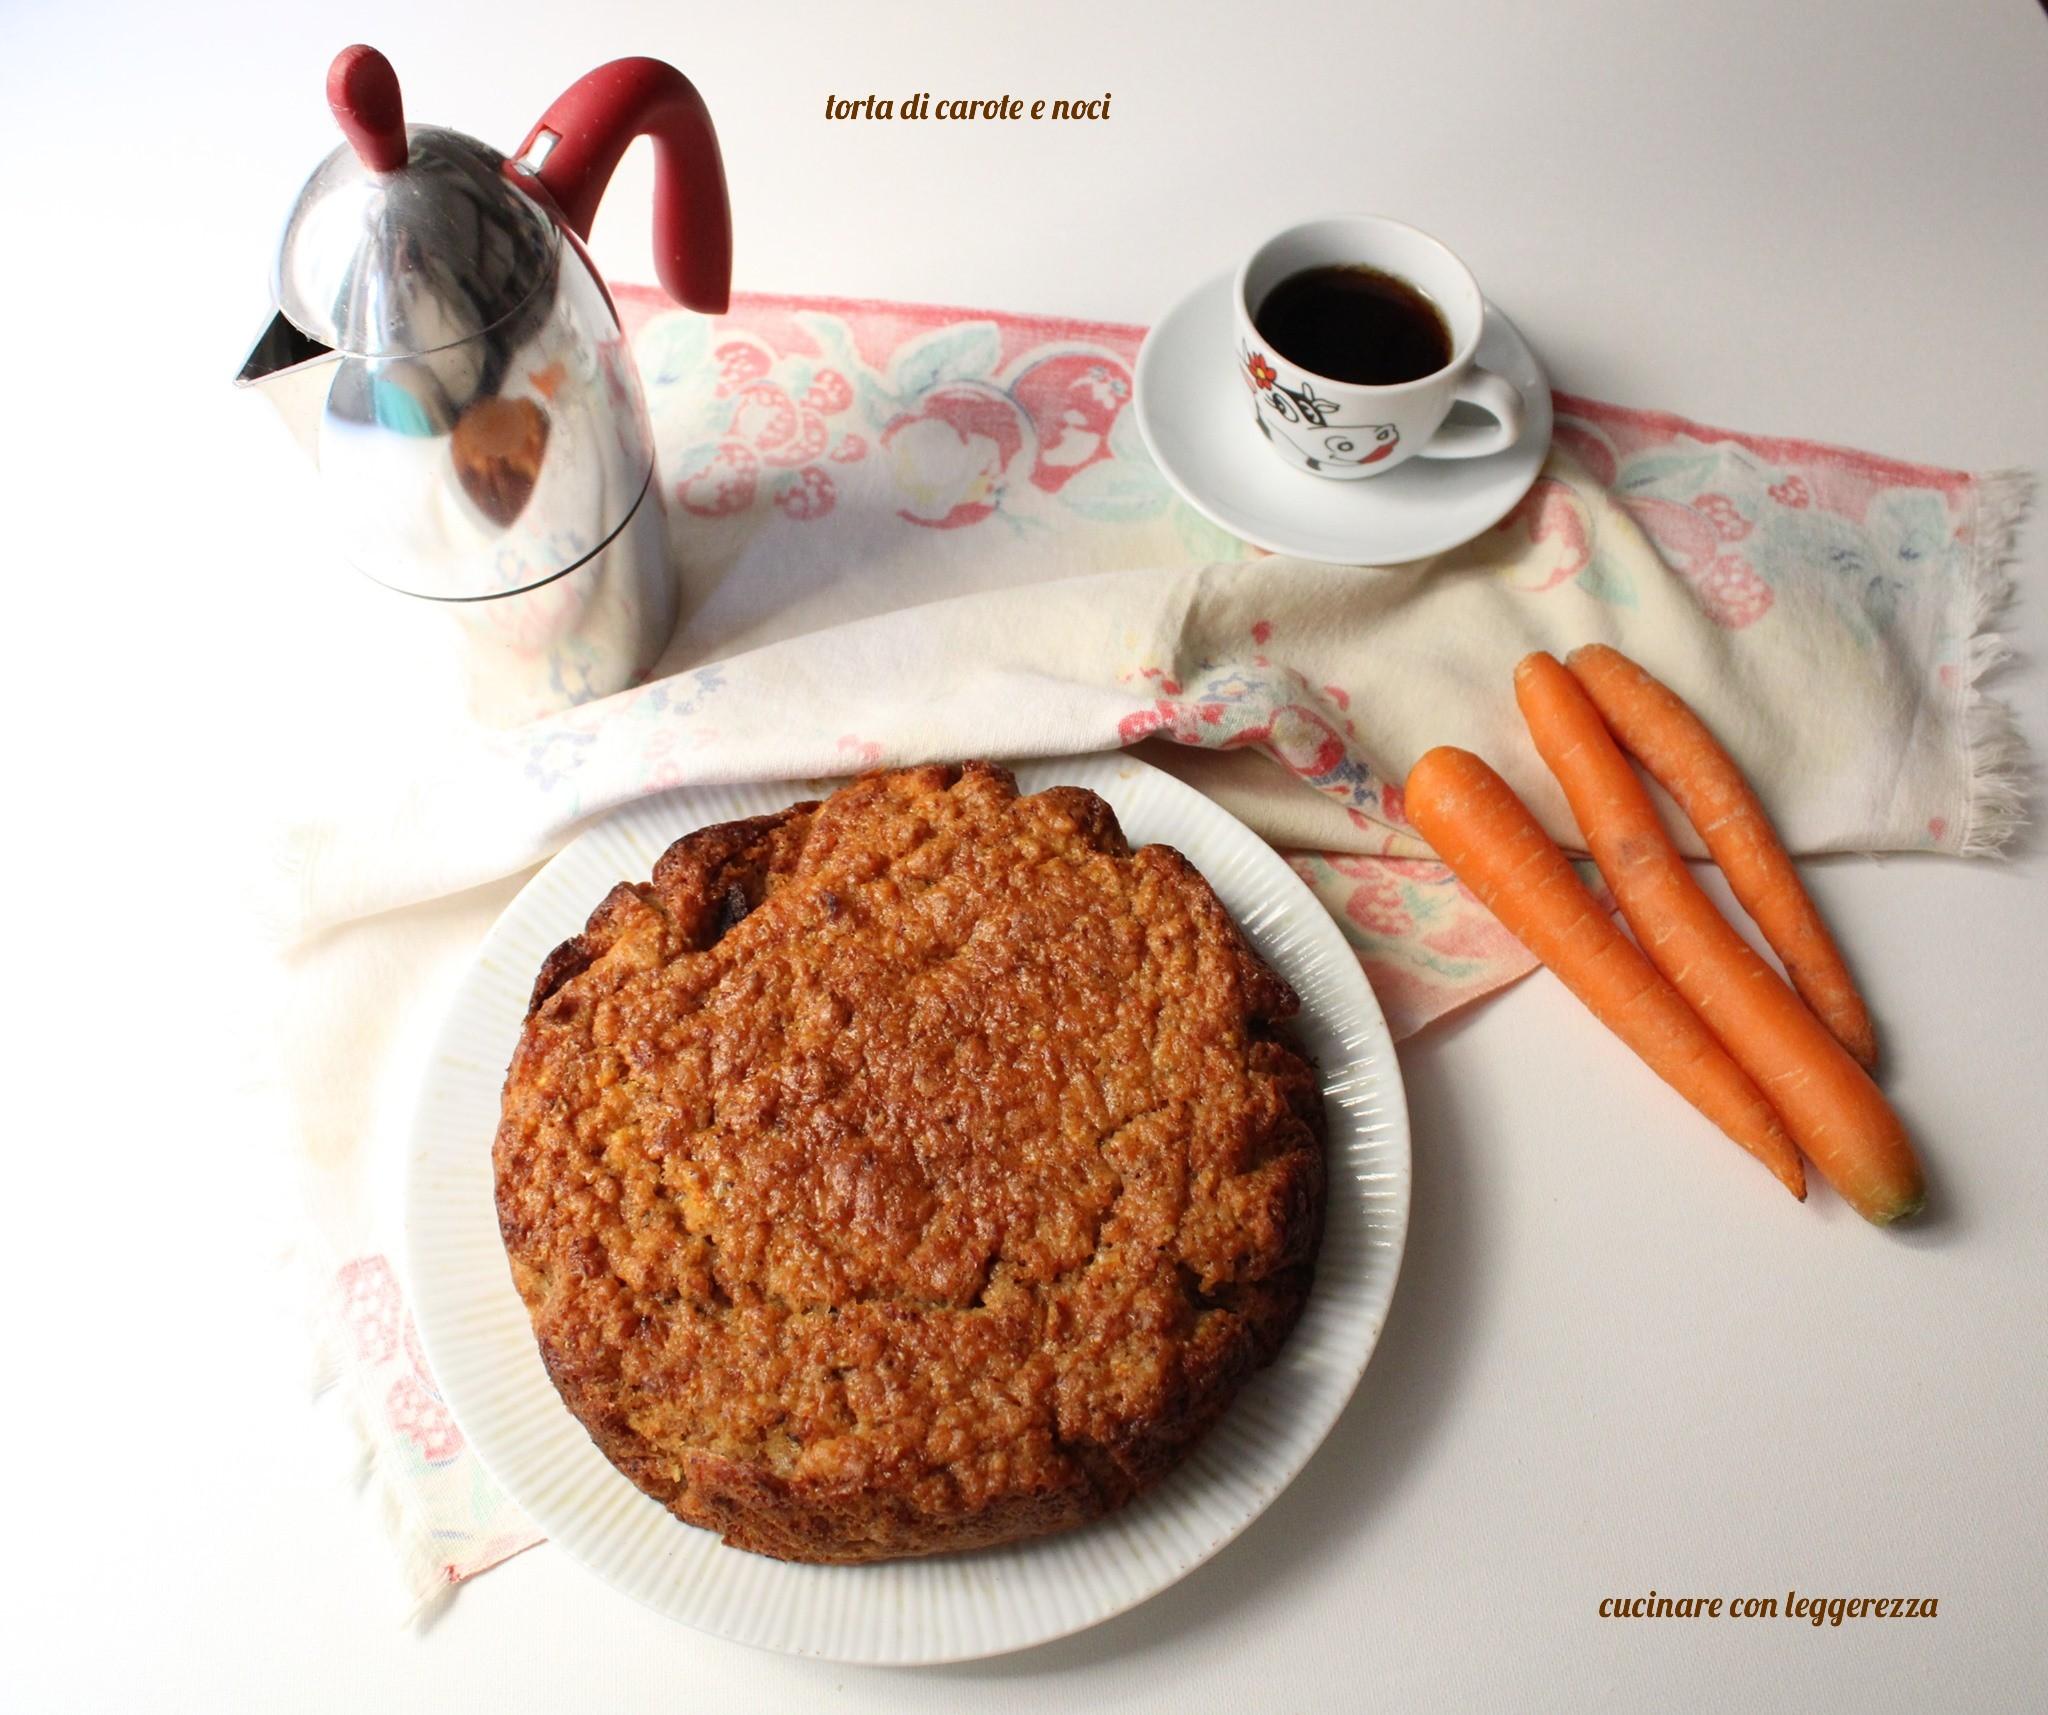 torta di carote e noci